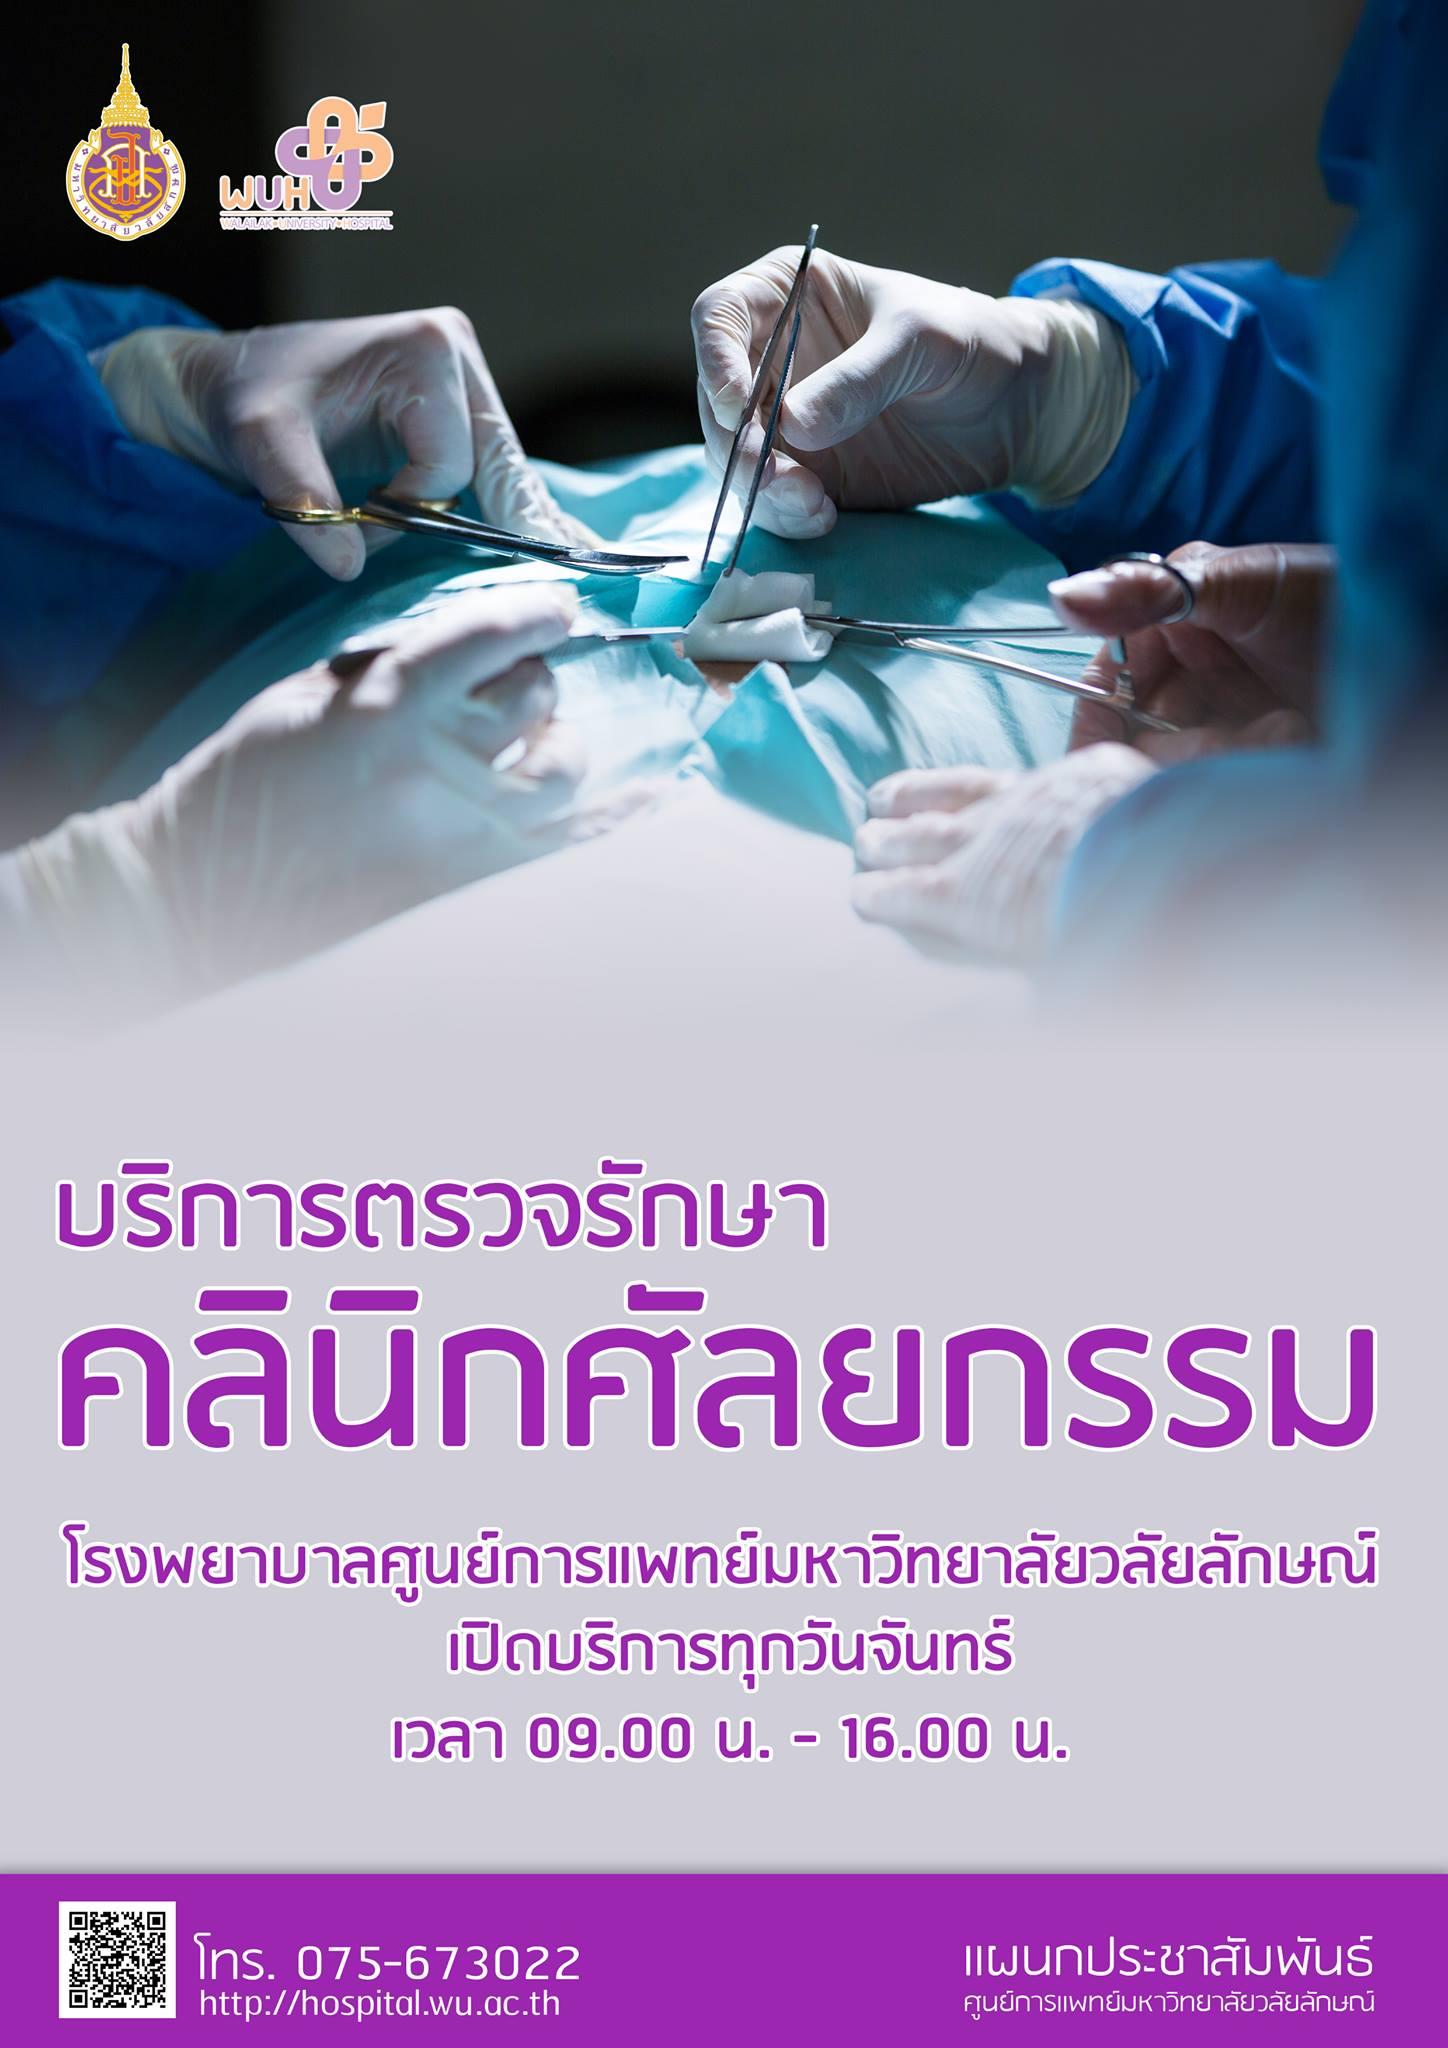 คลินิกศัลยกรรม